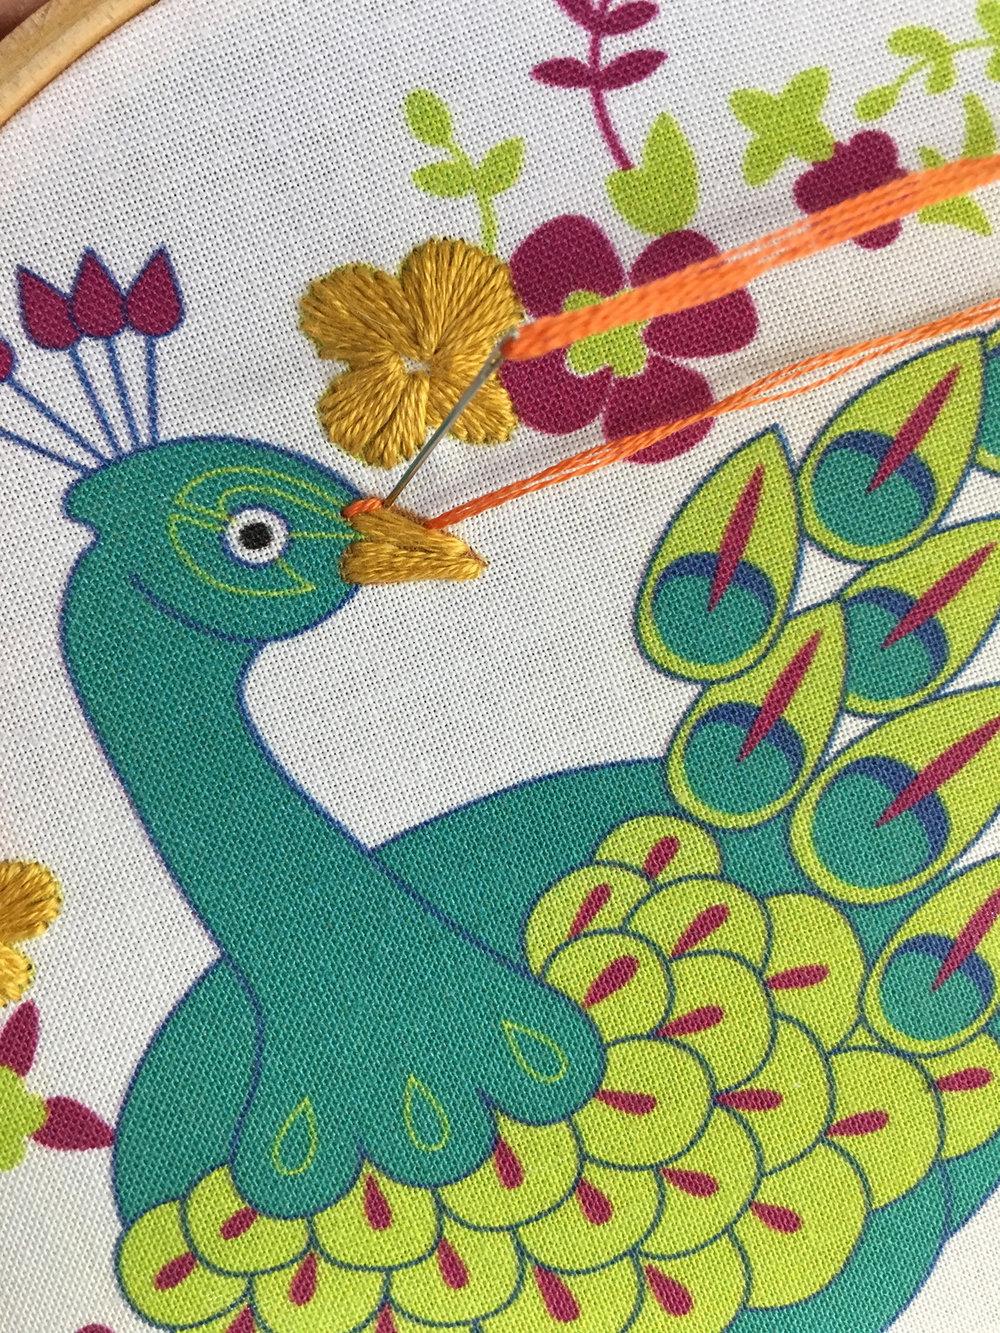 peacock beak 2 rikrack.jpg